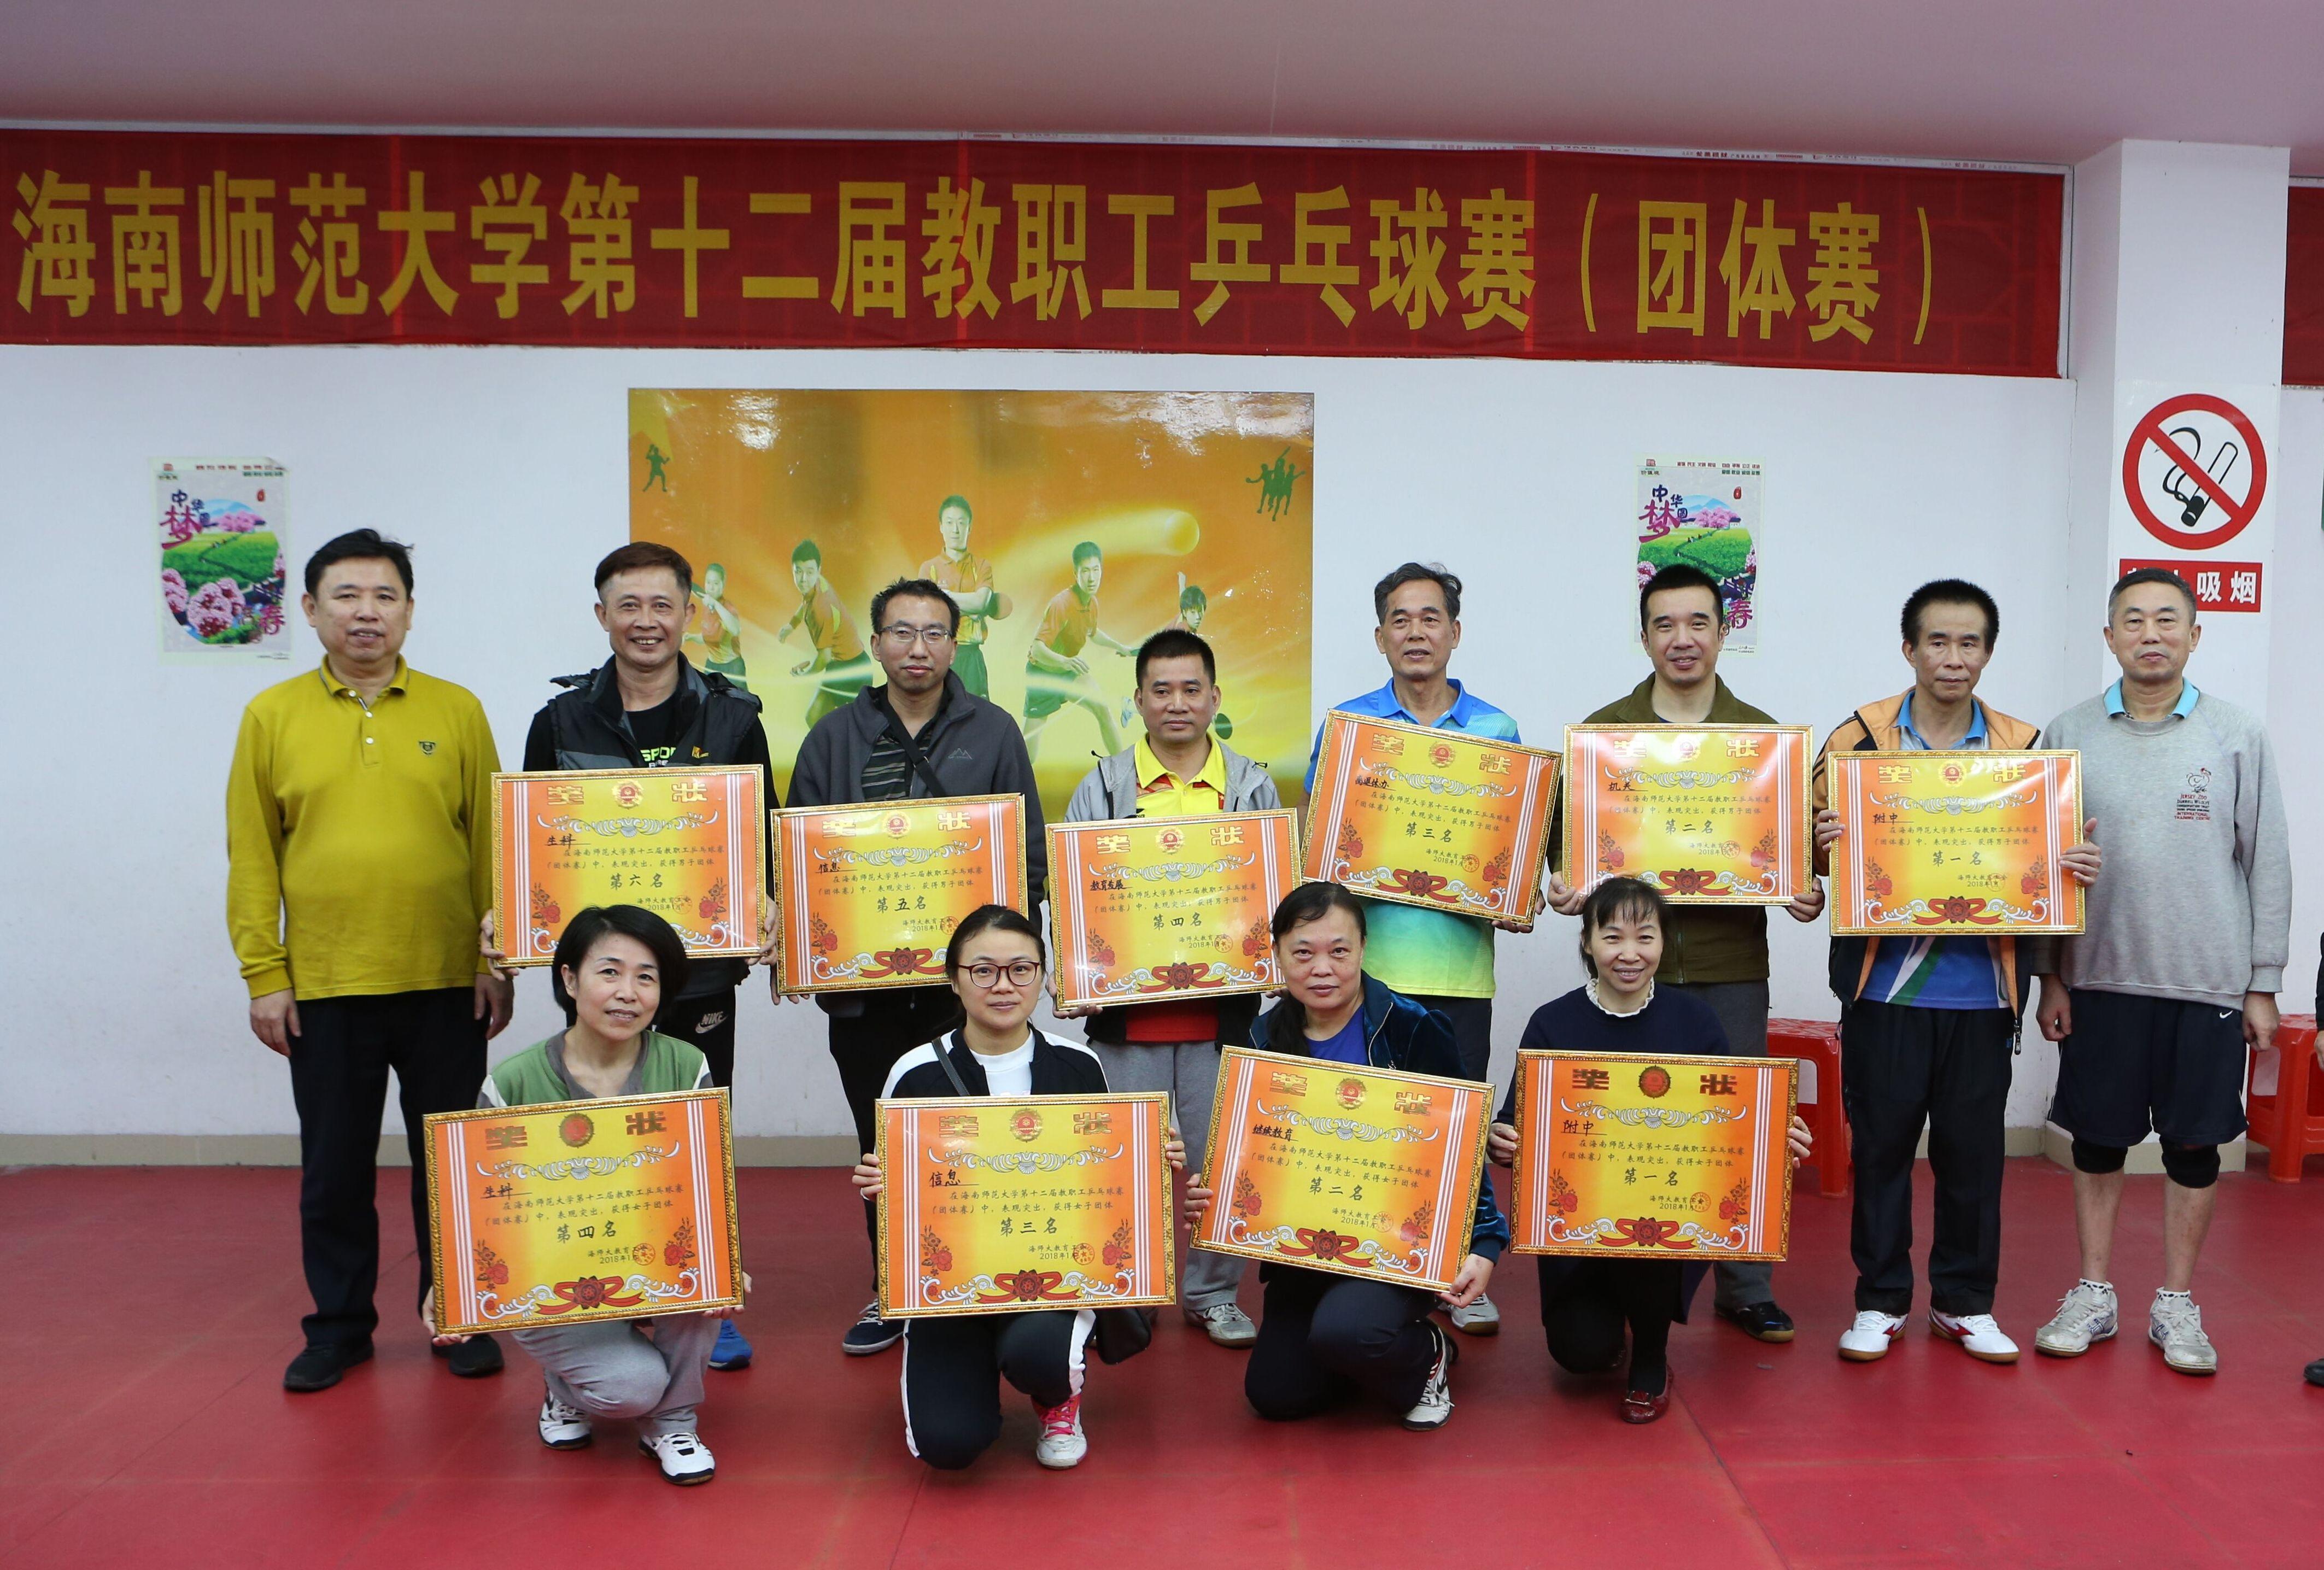 我校第十二届教职工乒乓球赛(团体赛)闭幕